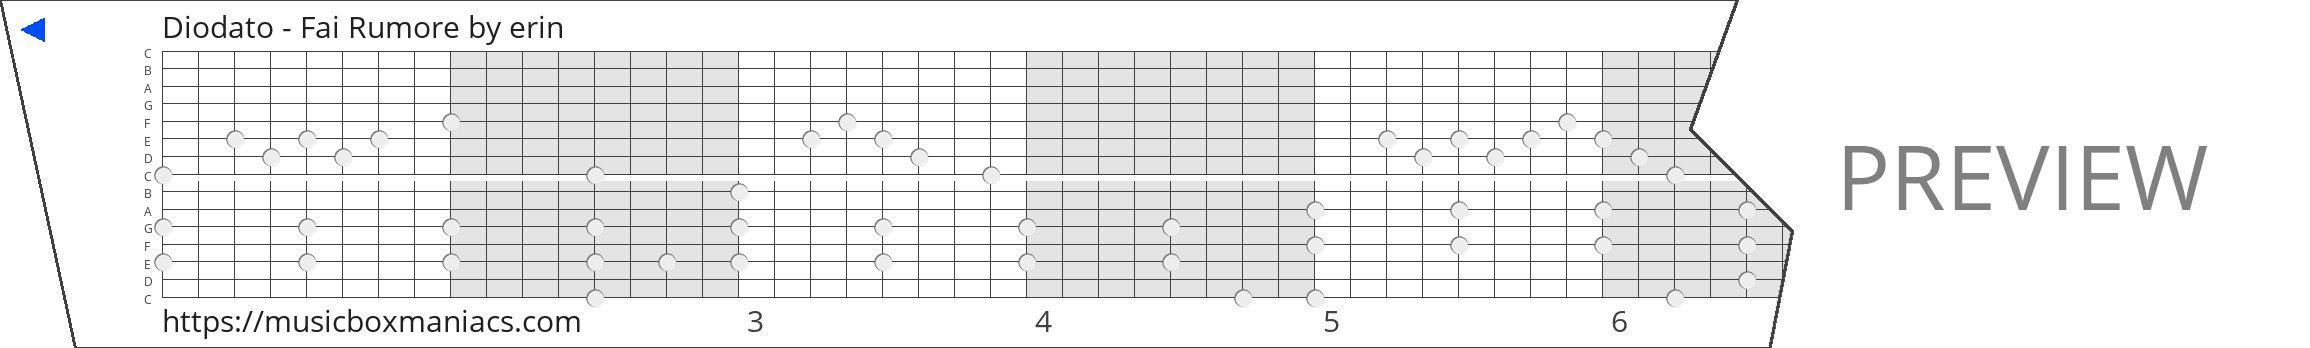 Diodato - Fai Rumore 15 note music box paper strip